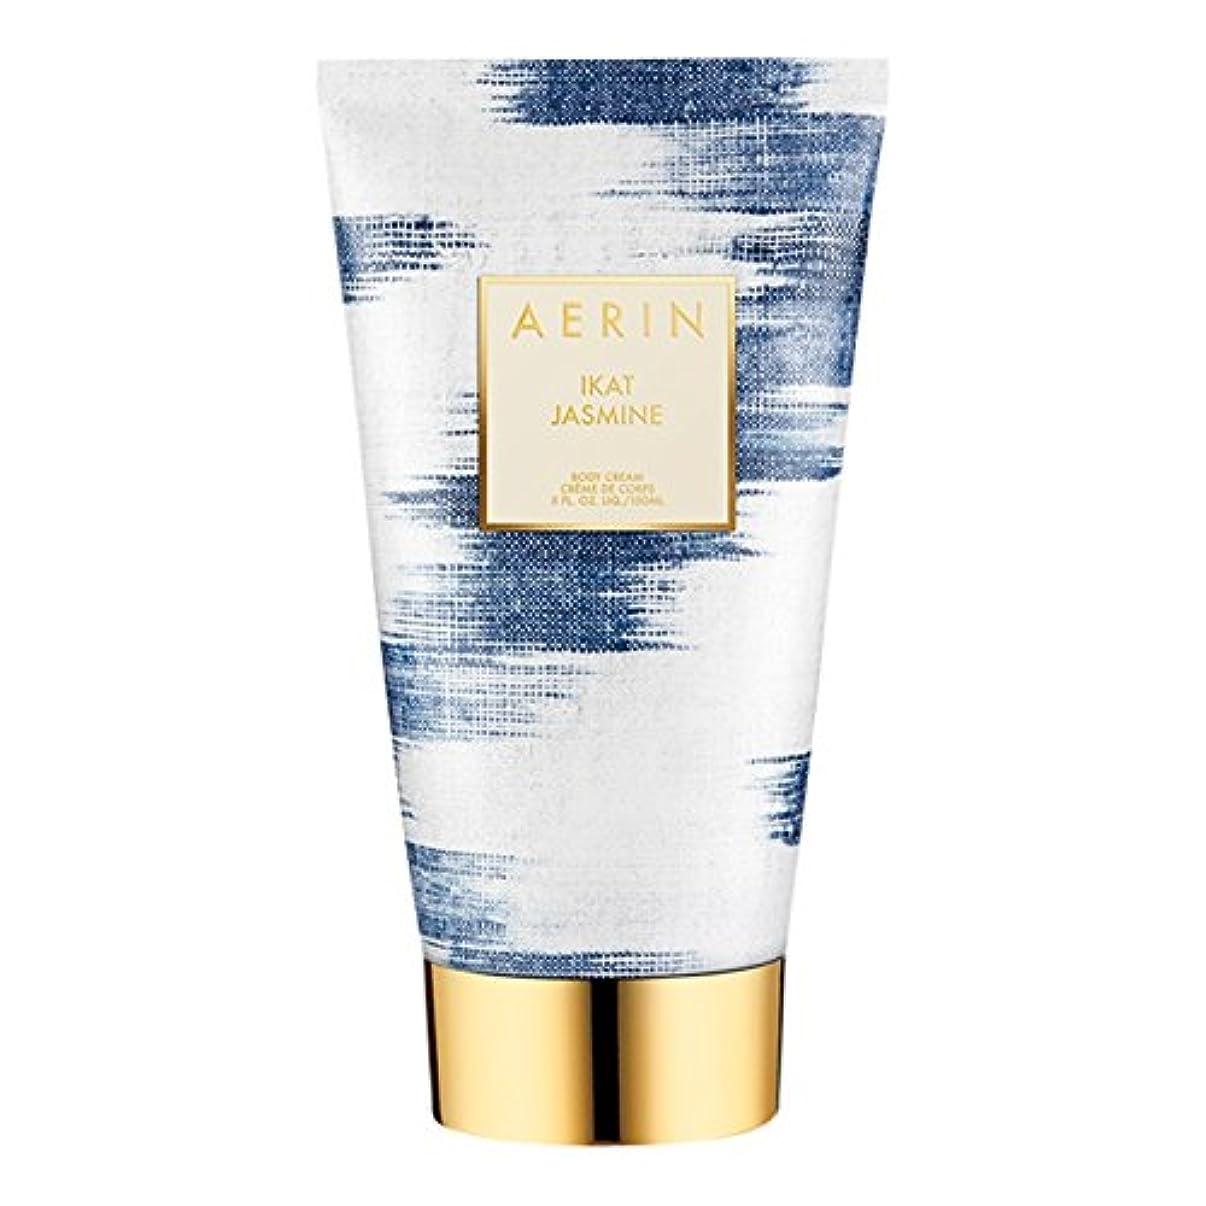 移行する代理人爆発Aerinイカットジャスミンボディクリーム150ミリリットル (AERIN) (x2) - AERIN Ikat Jasmine Body Cream 150ml (Pack of 2) [並行輸入品]